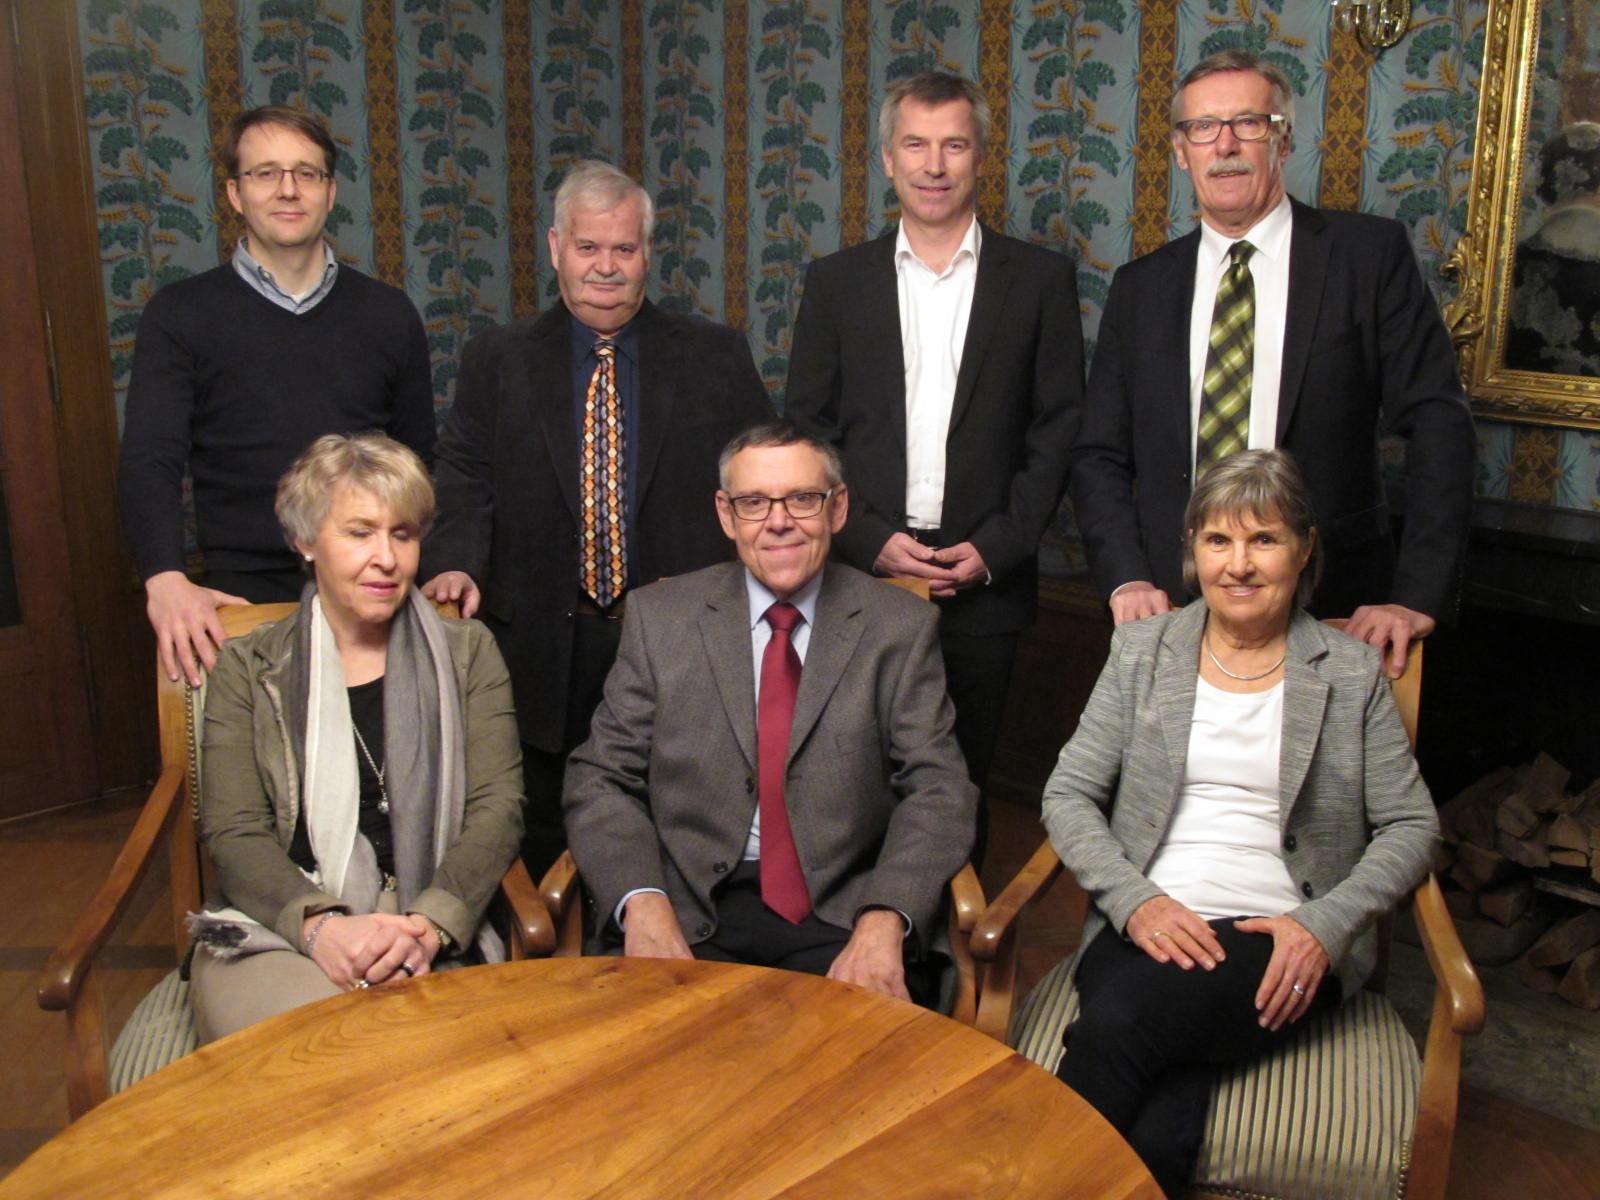 Vorstand 2016: Gabi Striffler, Urs Bachmann (Präsident), Lilo Dainese, Markus Merz, Ueli Widmer, Kuno Schumacher, Dölf Pfister